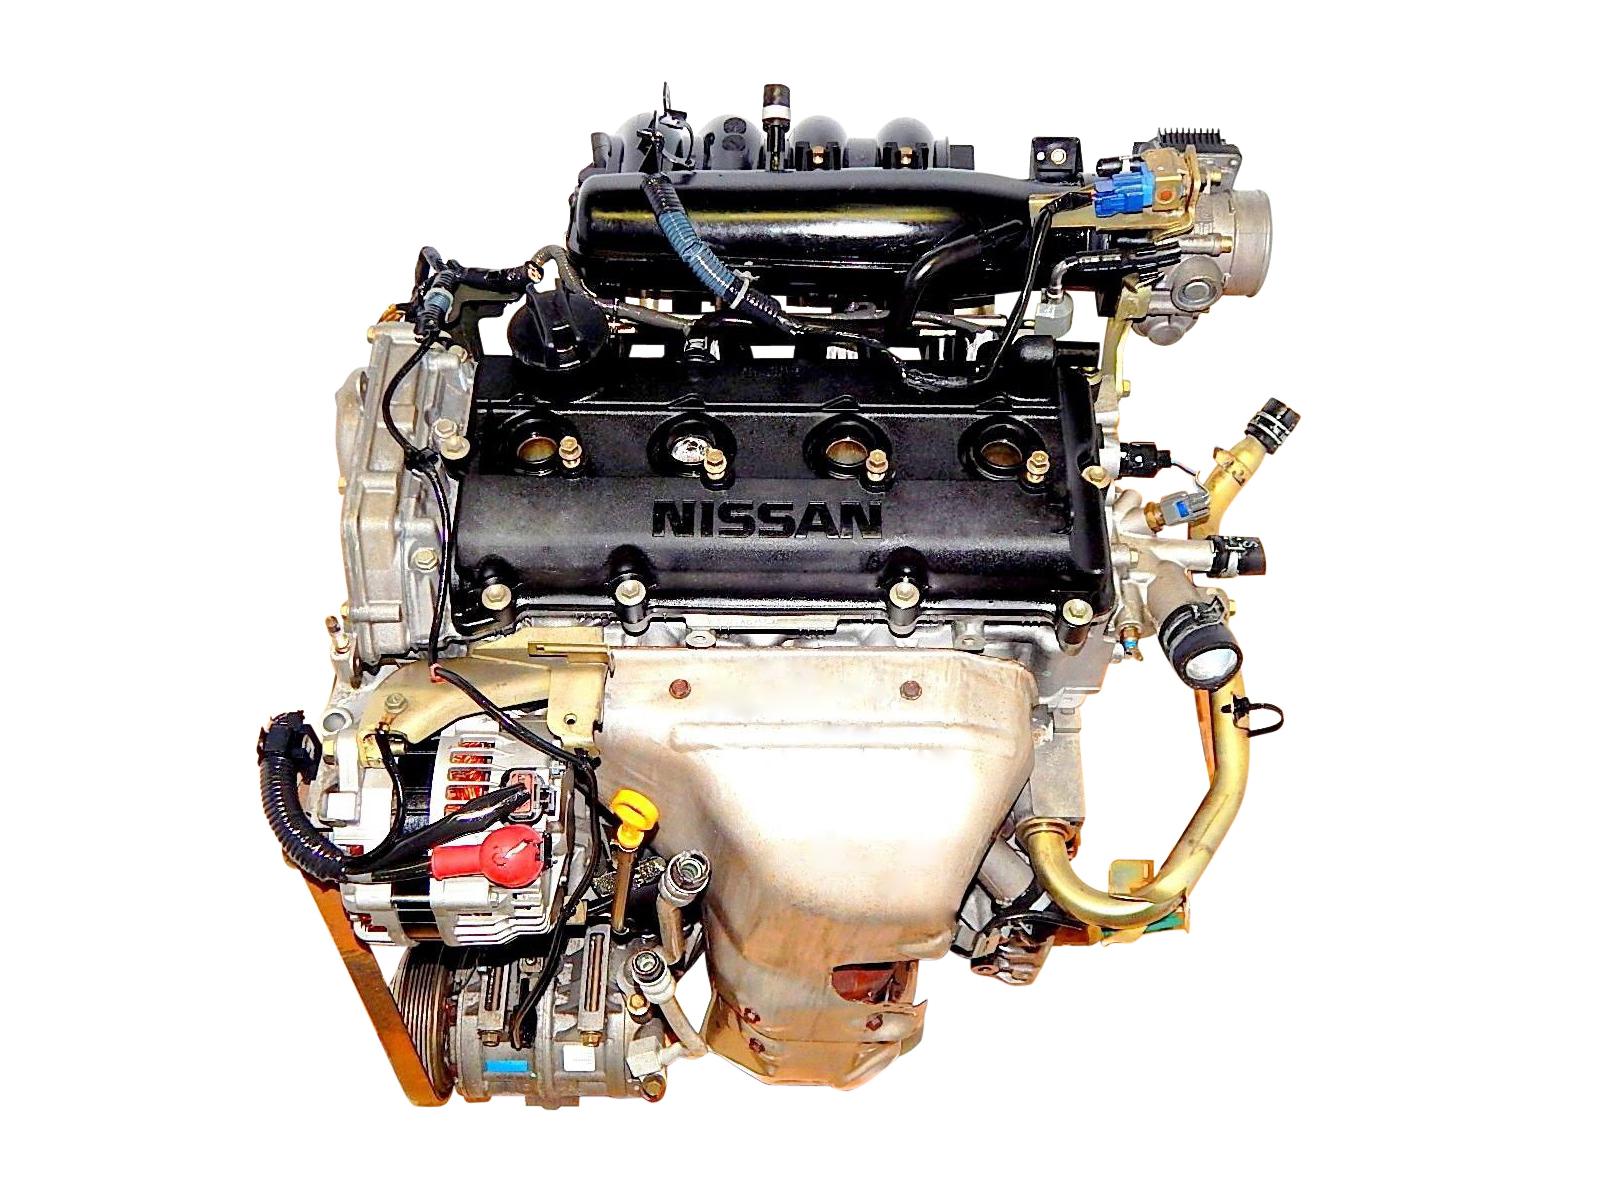 Nissan Altima Jdm Engines For Sale Nissan Qr25 Ka24